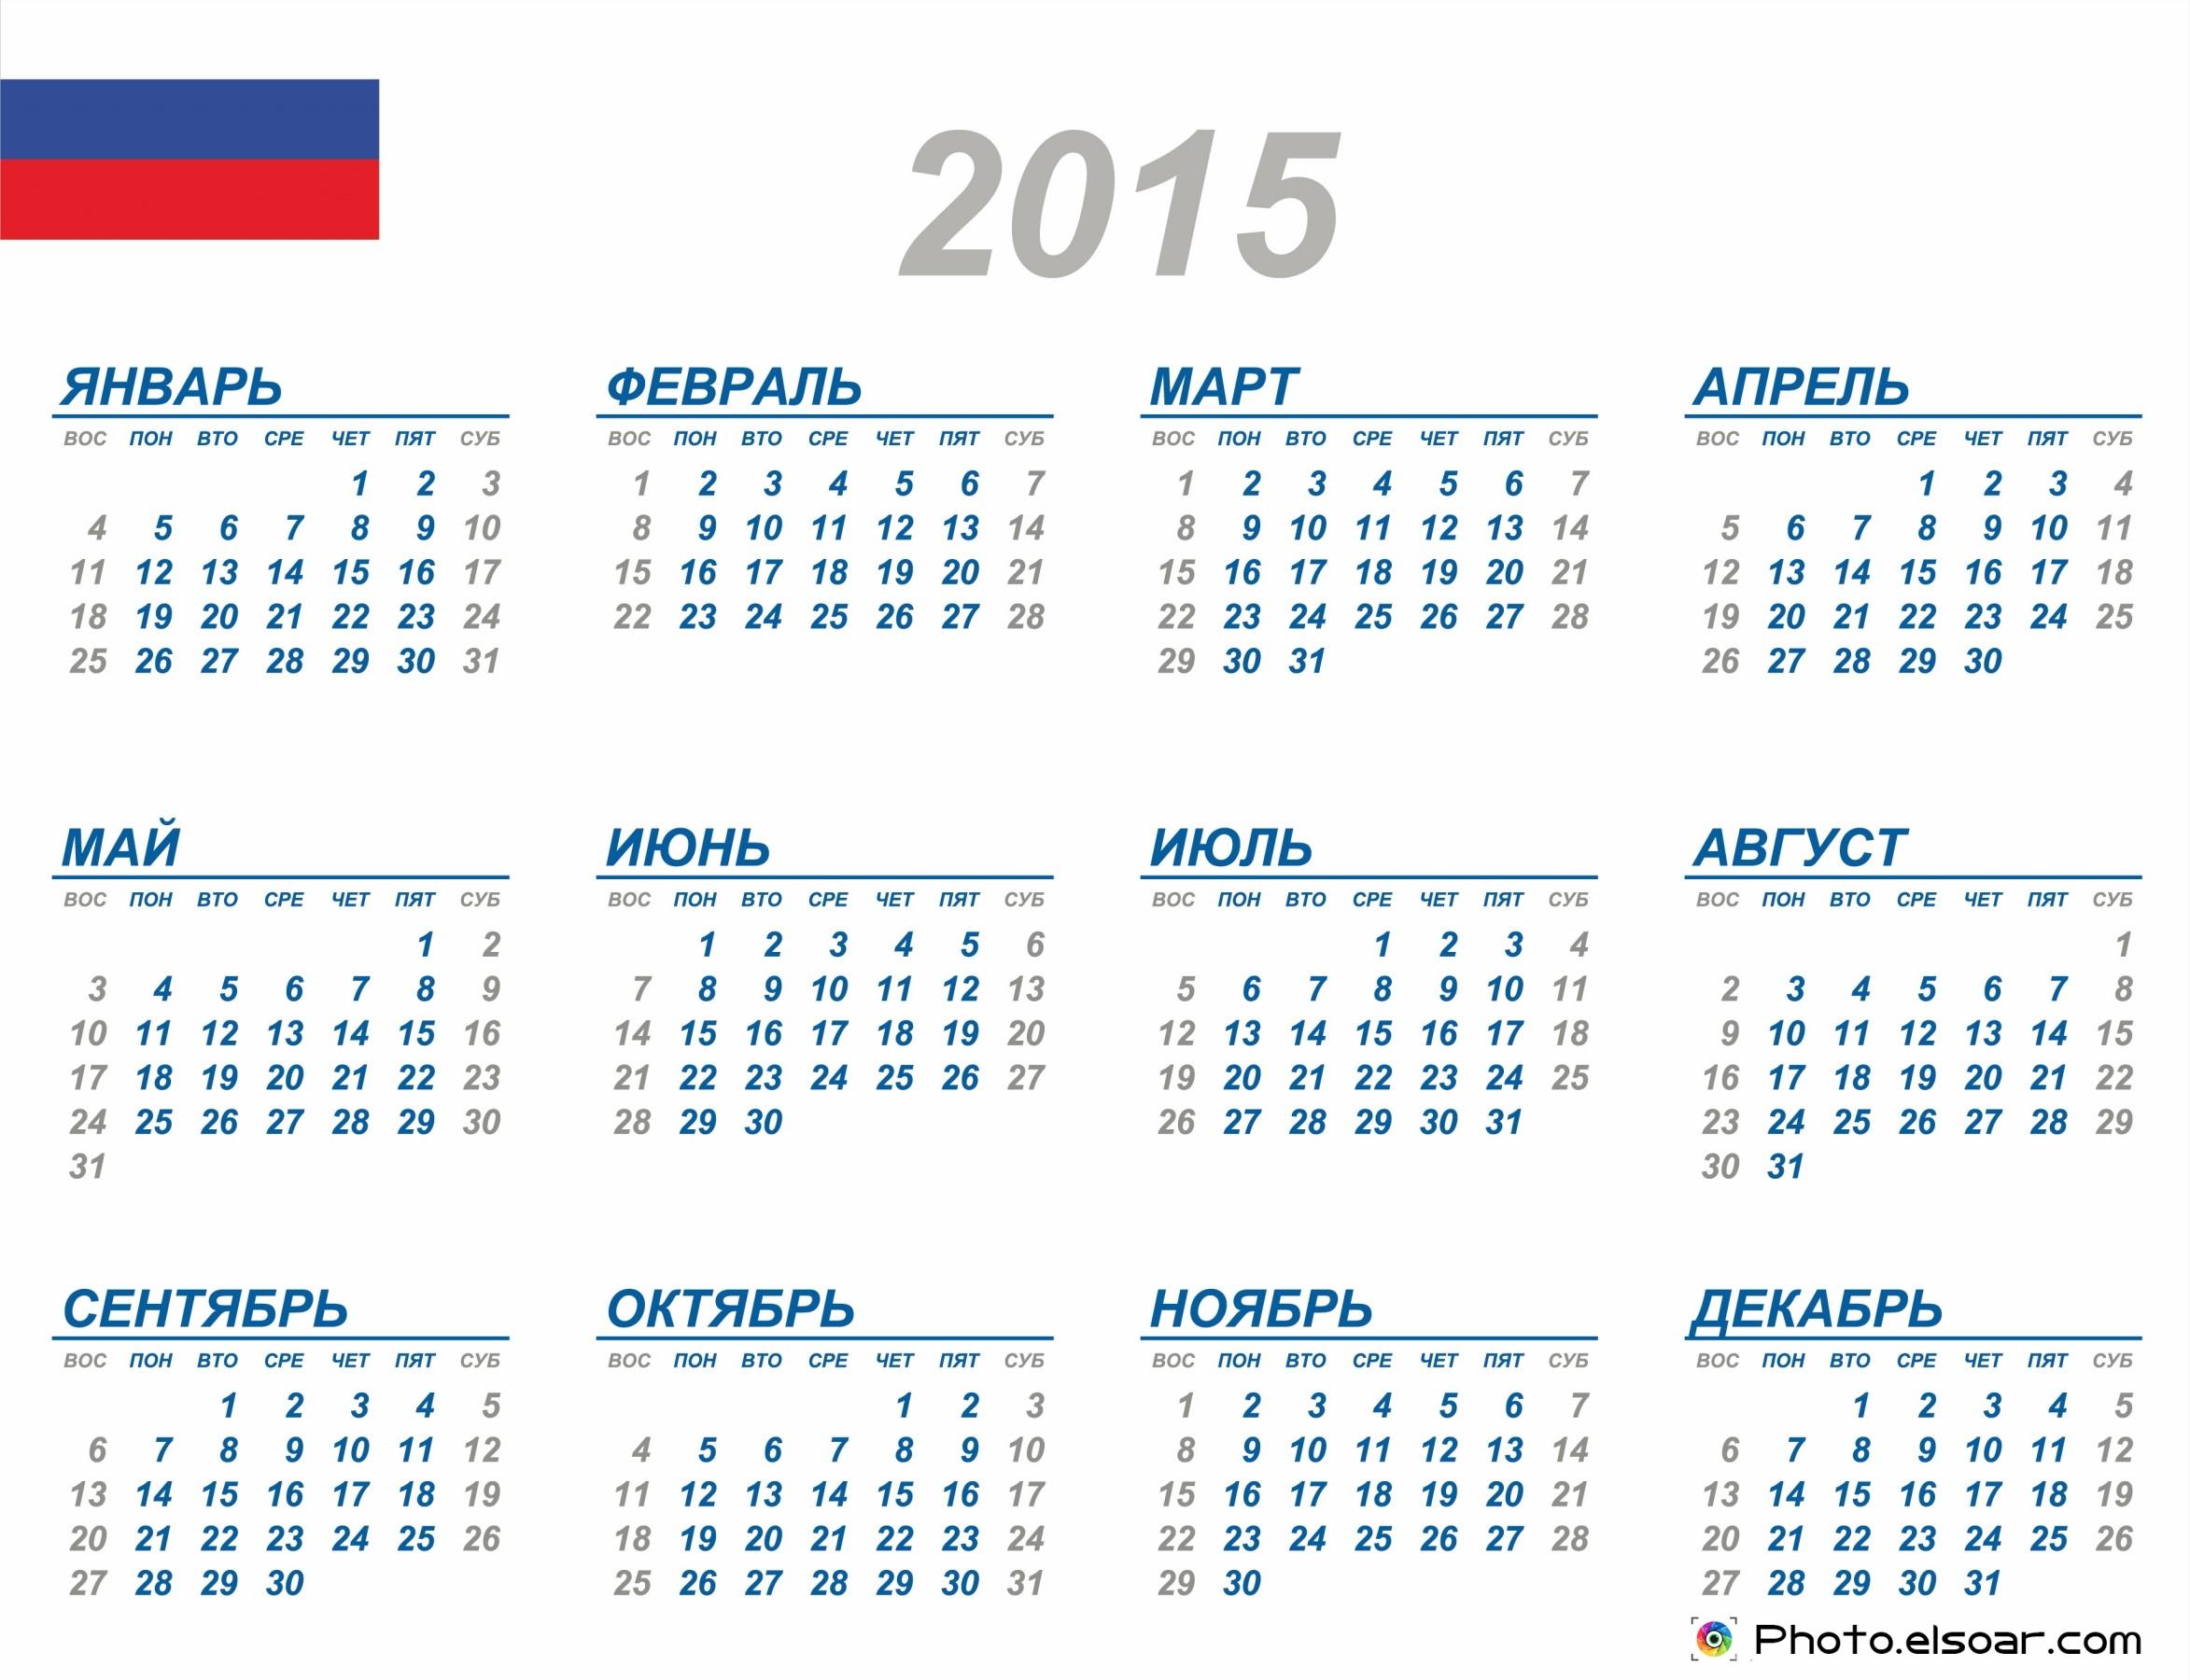 Новый год по календарю петра 1